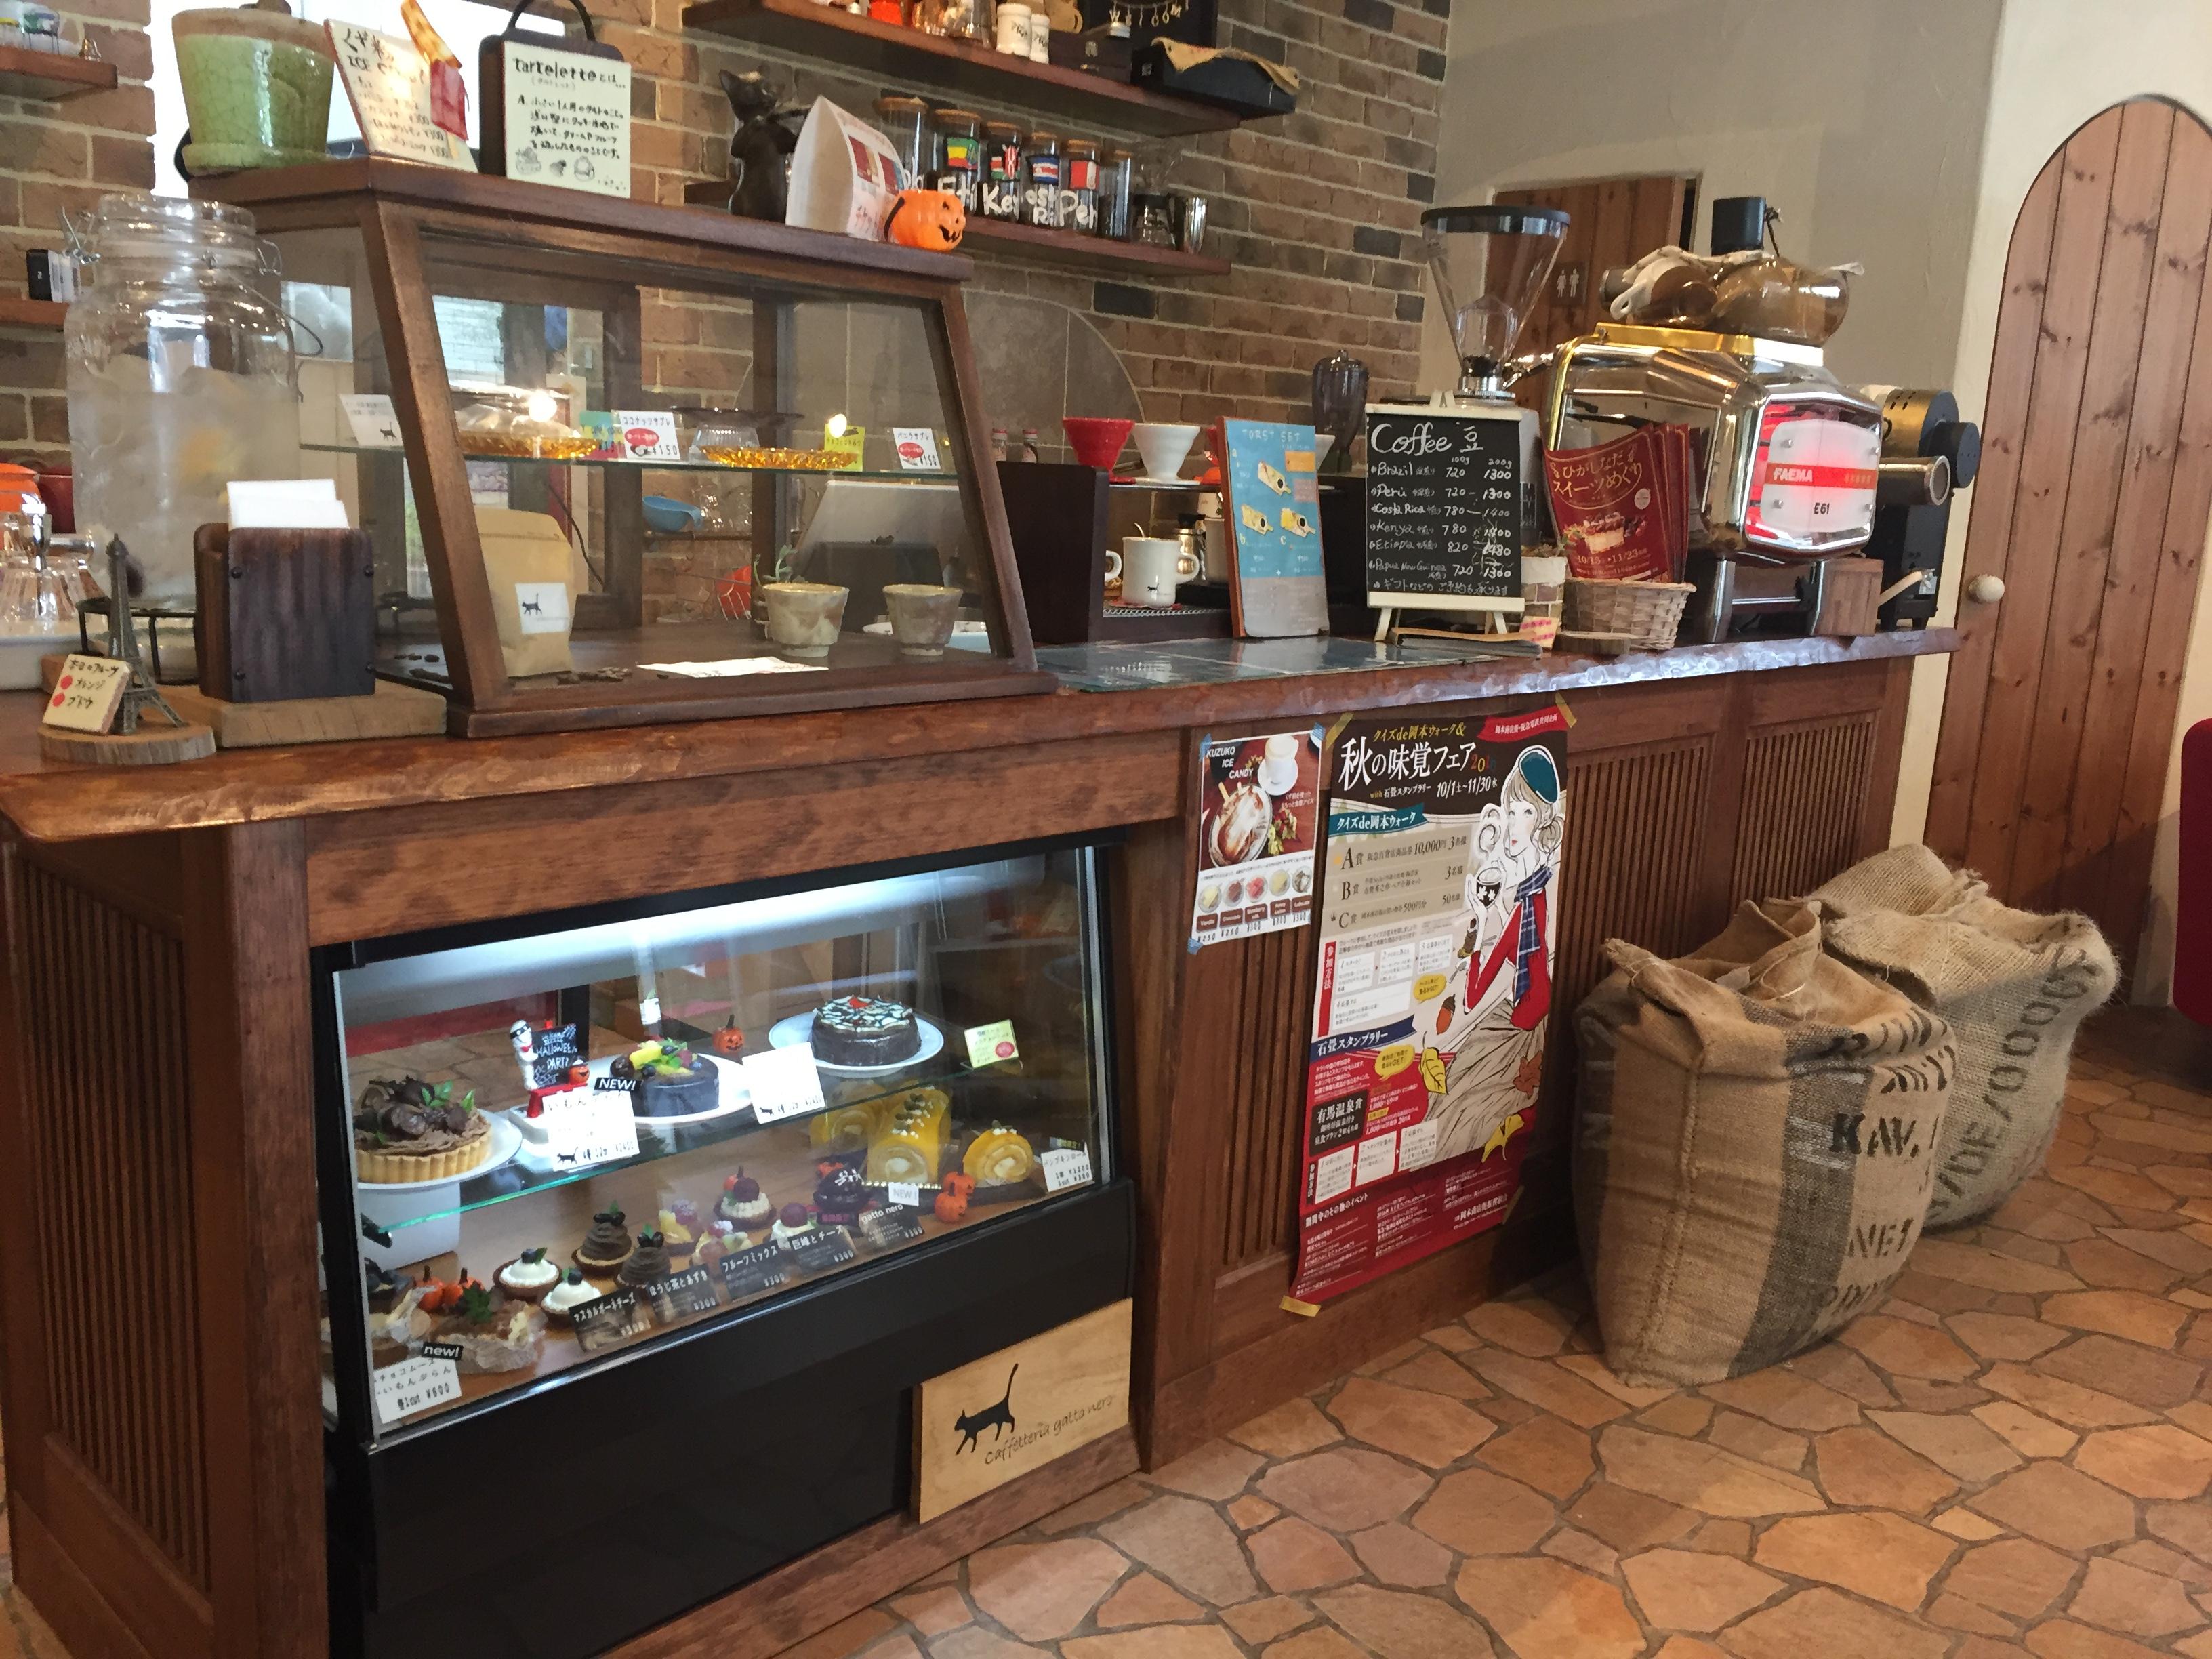 神戸・岡本 Caffetteria gatto nero(カフェテリア ガット ネロ)のおしゃれな店内でスイーツを楽しむ!【※リビング兵庫Webで紹介あり】